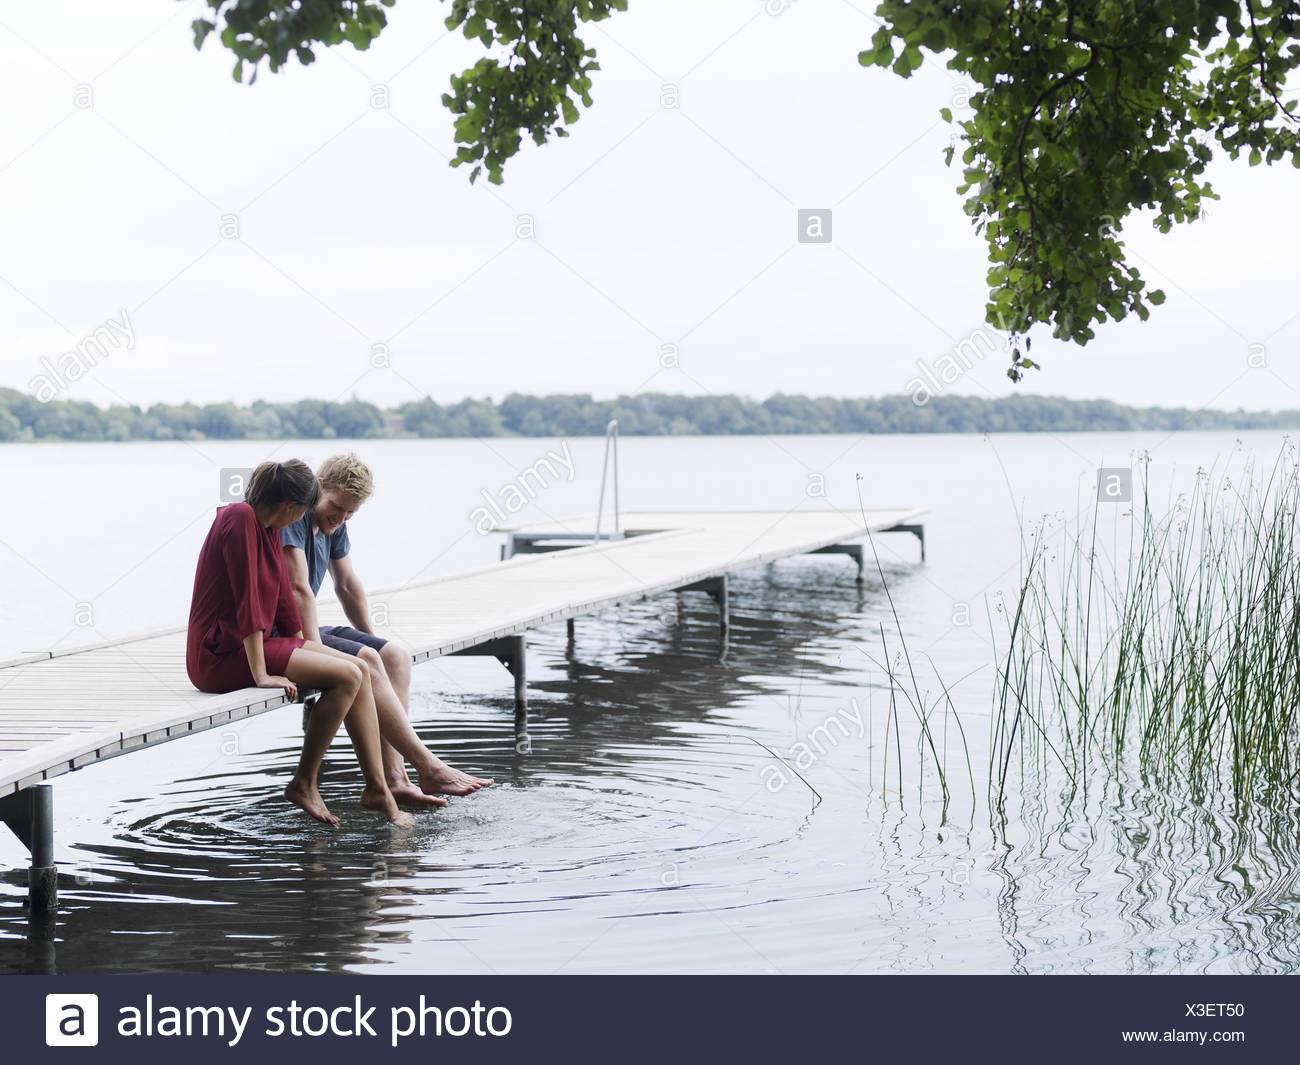 Pareja Sentada en el muelle al lado sumergir los pies en agua, Copenhague, Dinamarca Imagen De Stock